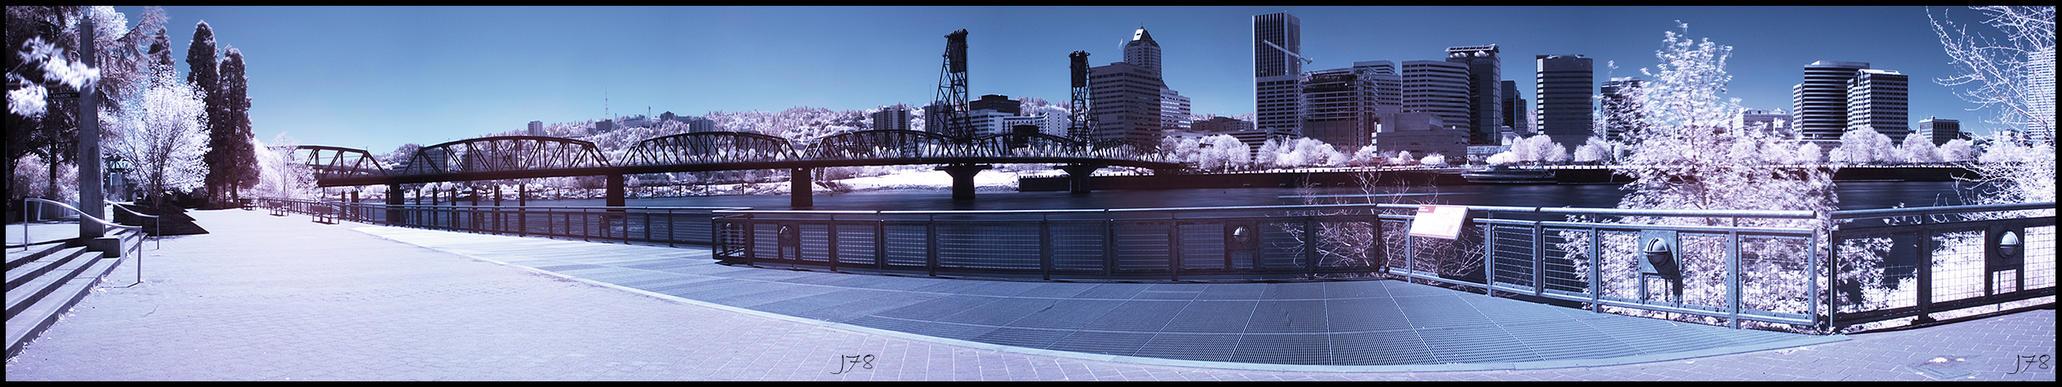 IR_River by junkster78